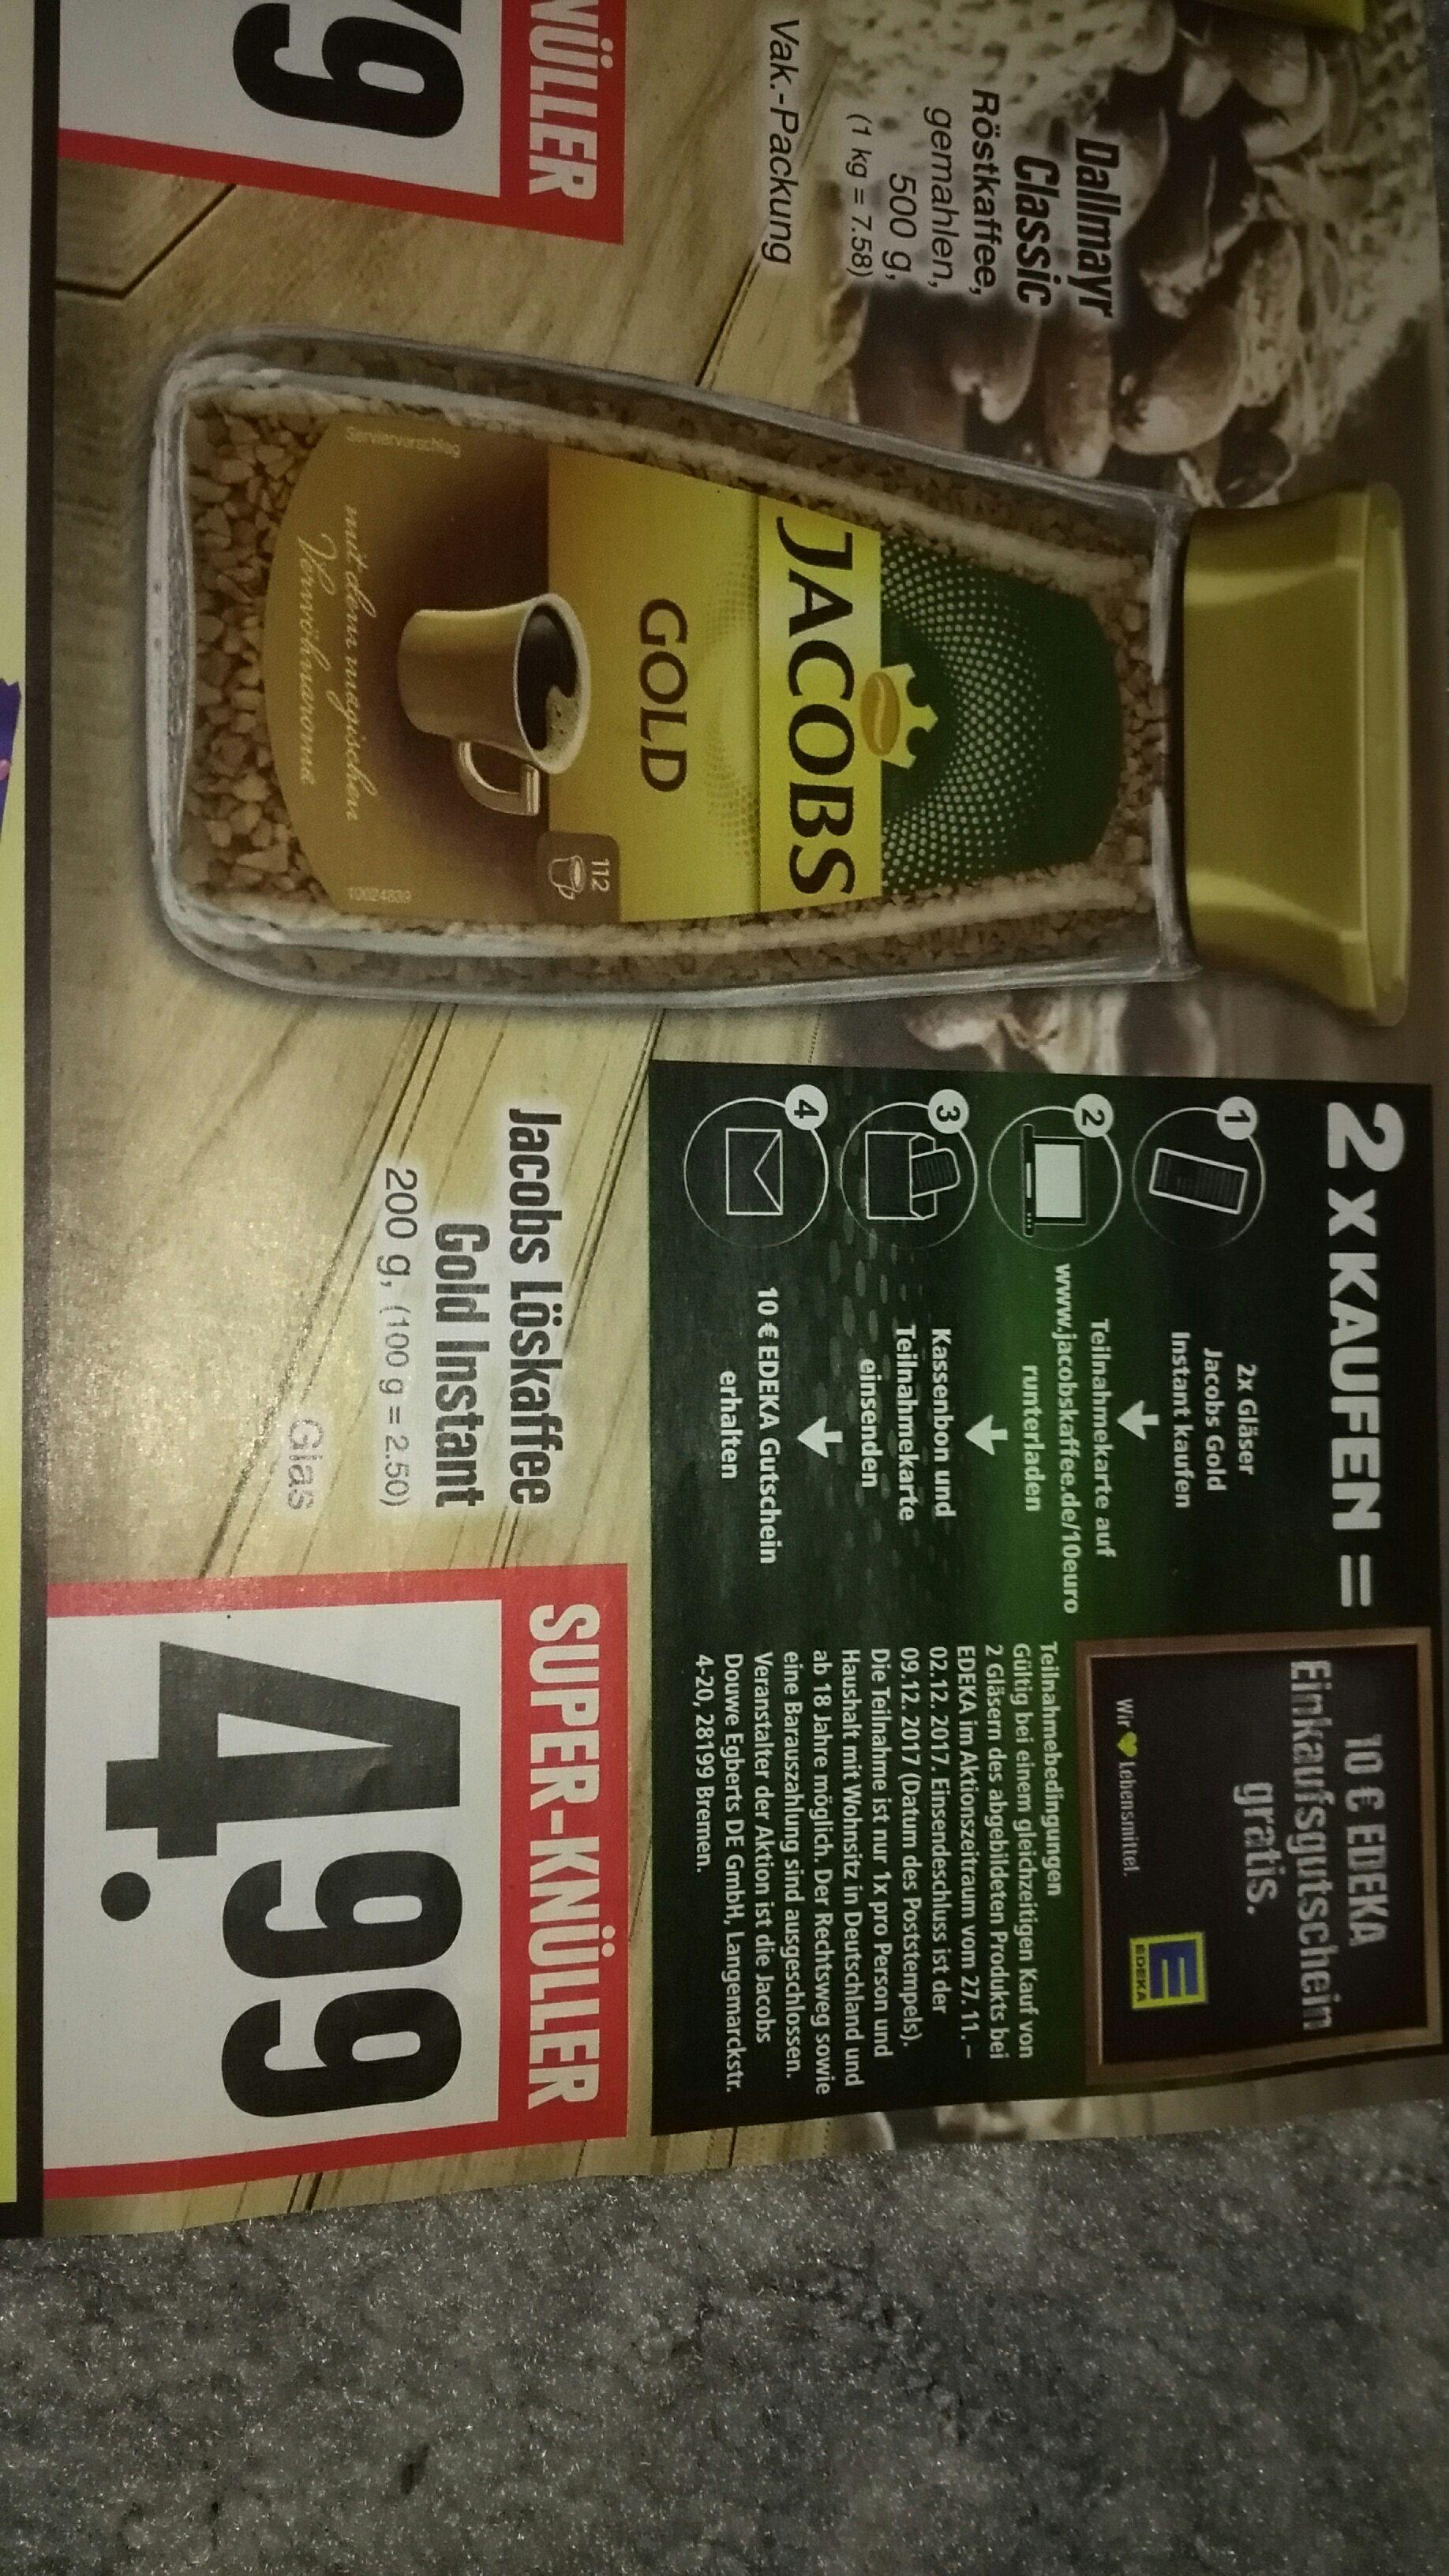 2 x Jacobs Gold Instant kaufen und einen 10€ Edeka Gutschein bekommen bundesweit